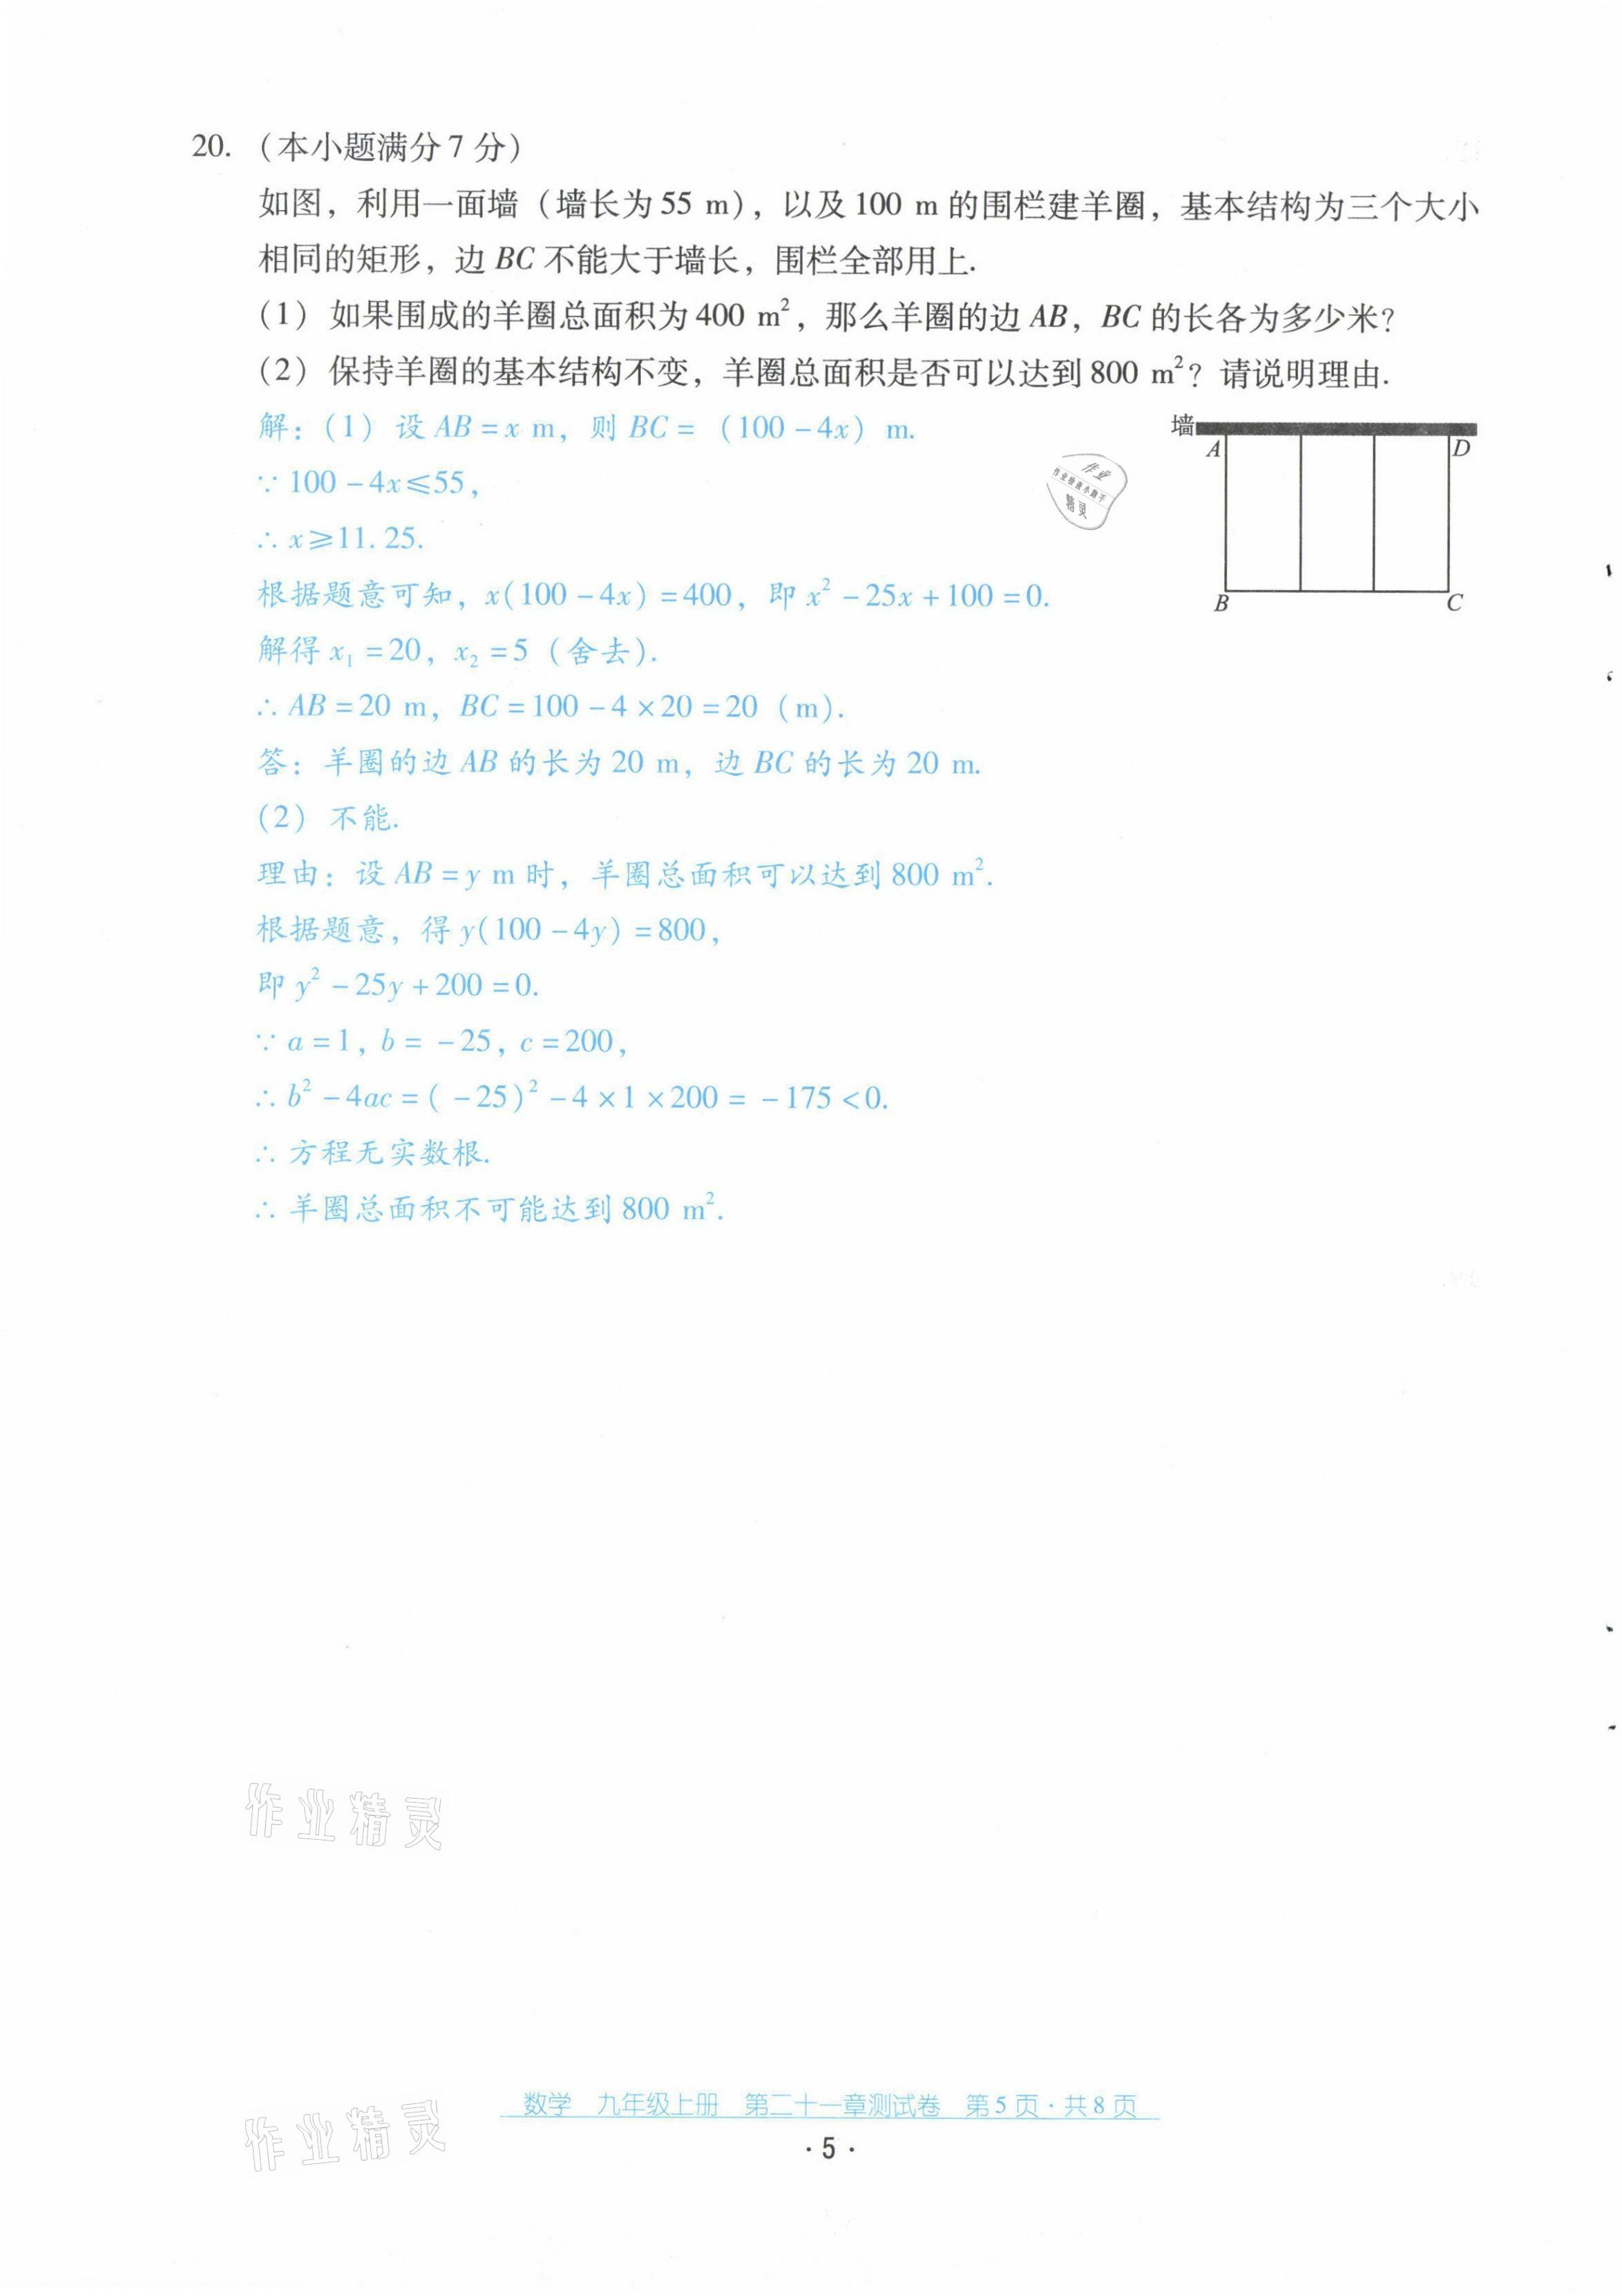 2021年云南省标准教辅优佳学案配套测试卷九年级数学上册人教版第5页